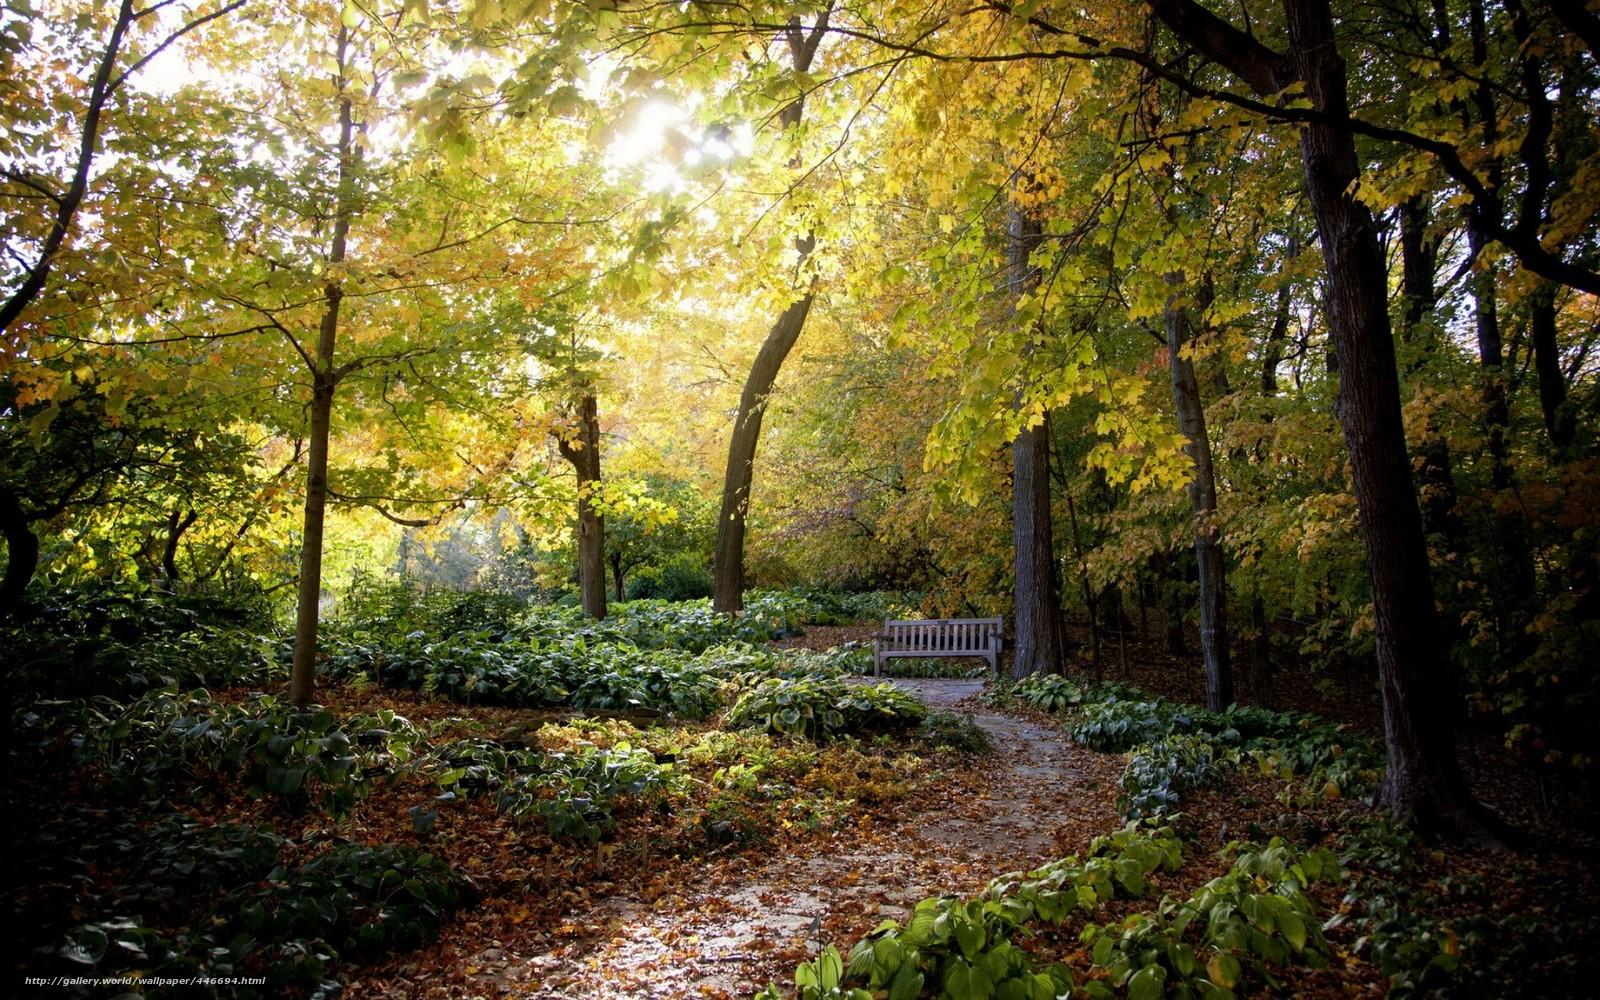 Tlcharger Fond D Ecran Parc Banc Nature Fonds D Ecran